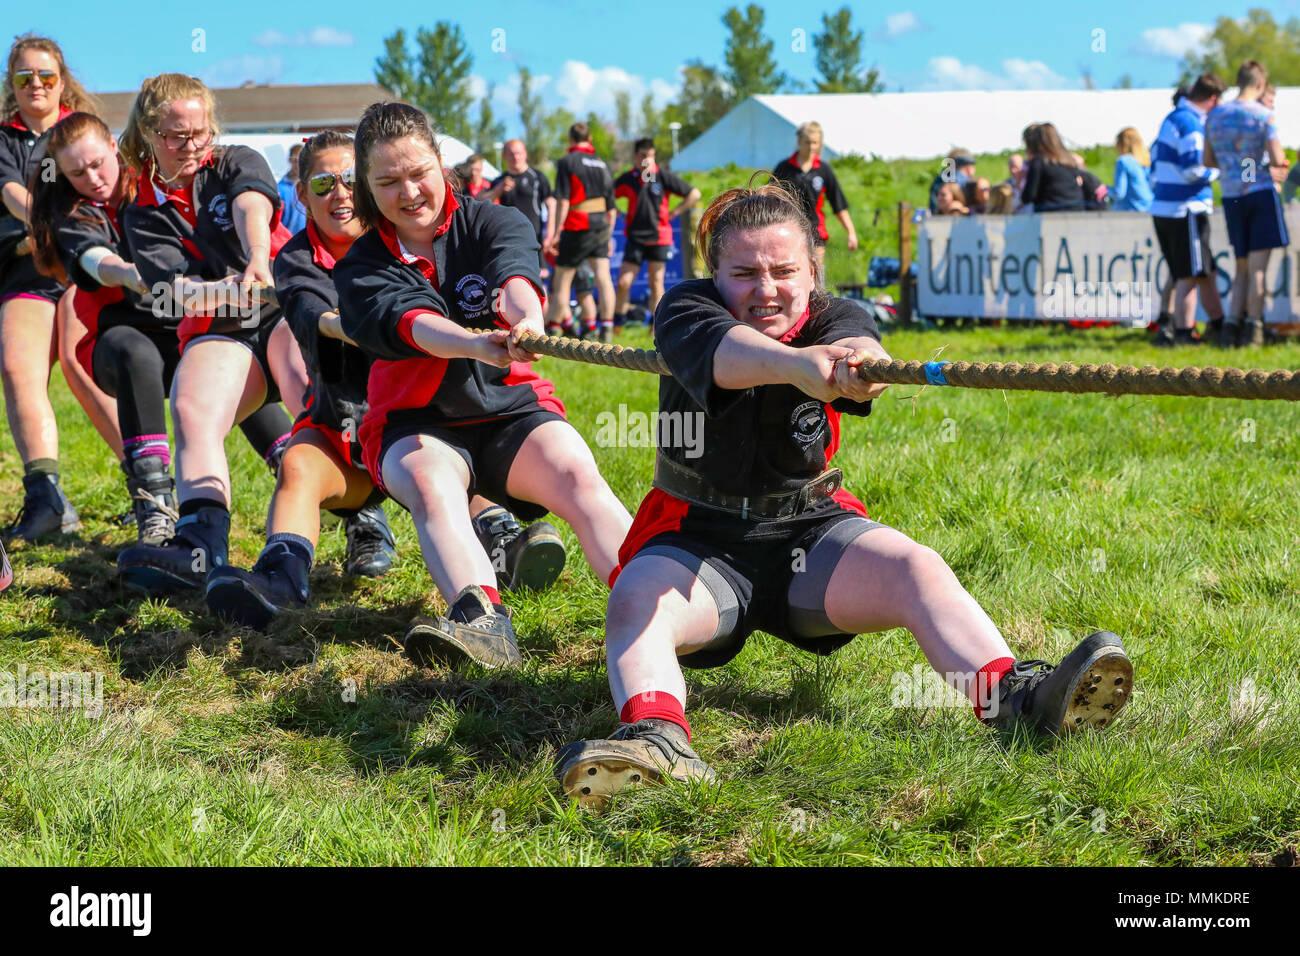 """Ayrshire, Regno Unito. Il 12 maggio 2018. In una calda e soleggiata giornata di maggio, annuale di contea di Ayr Show tenutosi a Ayr Race Course ha attratto centinaia di partecipanti ai concorsi di allevamento e anche migliaia di spettatori. Così come i soliti concorsi per bovini, ovini e pollame, non ci sono premi in palio per i vincitori del maschio e femmina """" i giovani agricoltori rimorchiatore di guerra """" la concorrenza e per il miglior decorate autocarro Credito: Findlay/Alamy Live News Immagini Stock"""